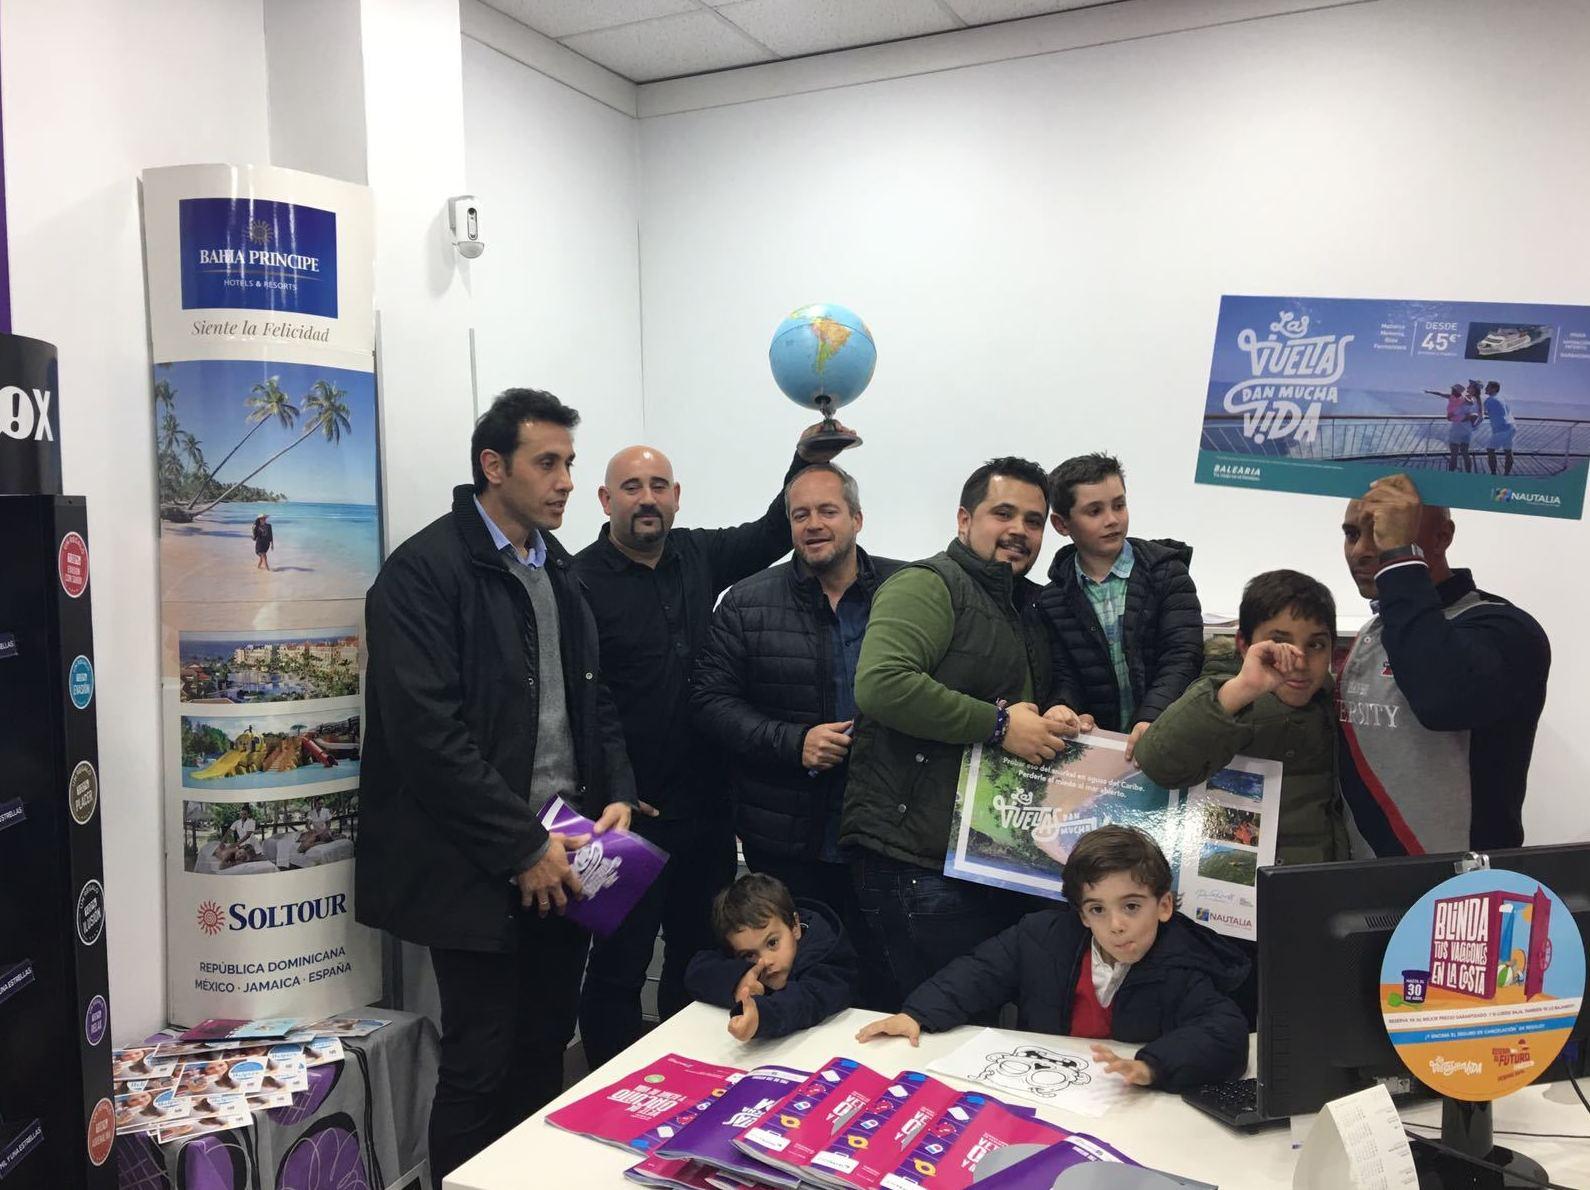 Foto 9 de Agencia de viajes en Pinto | Ofertas en Viajes